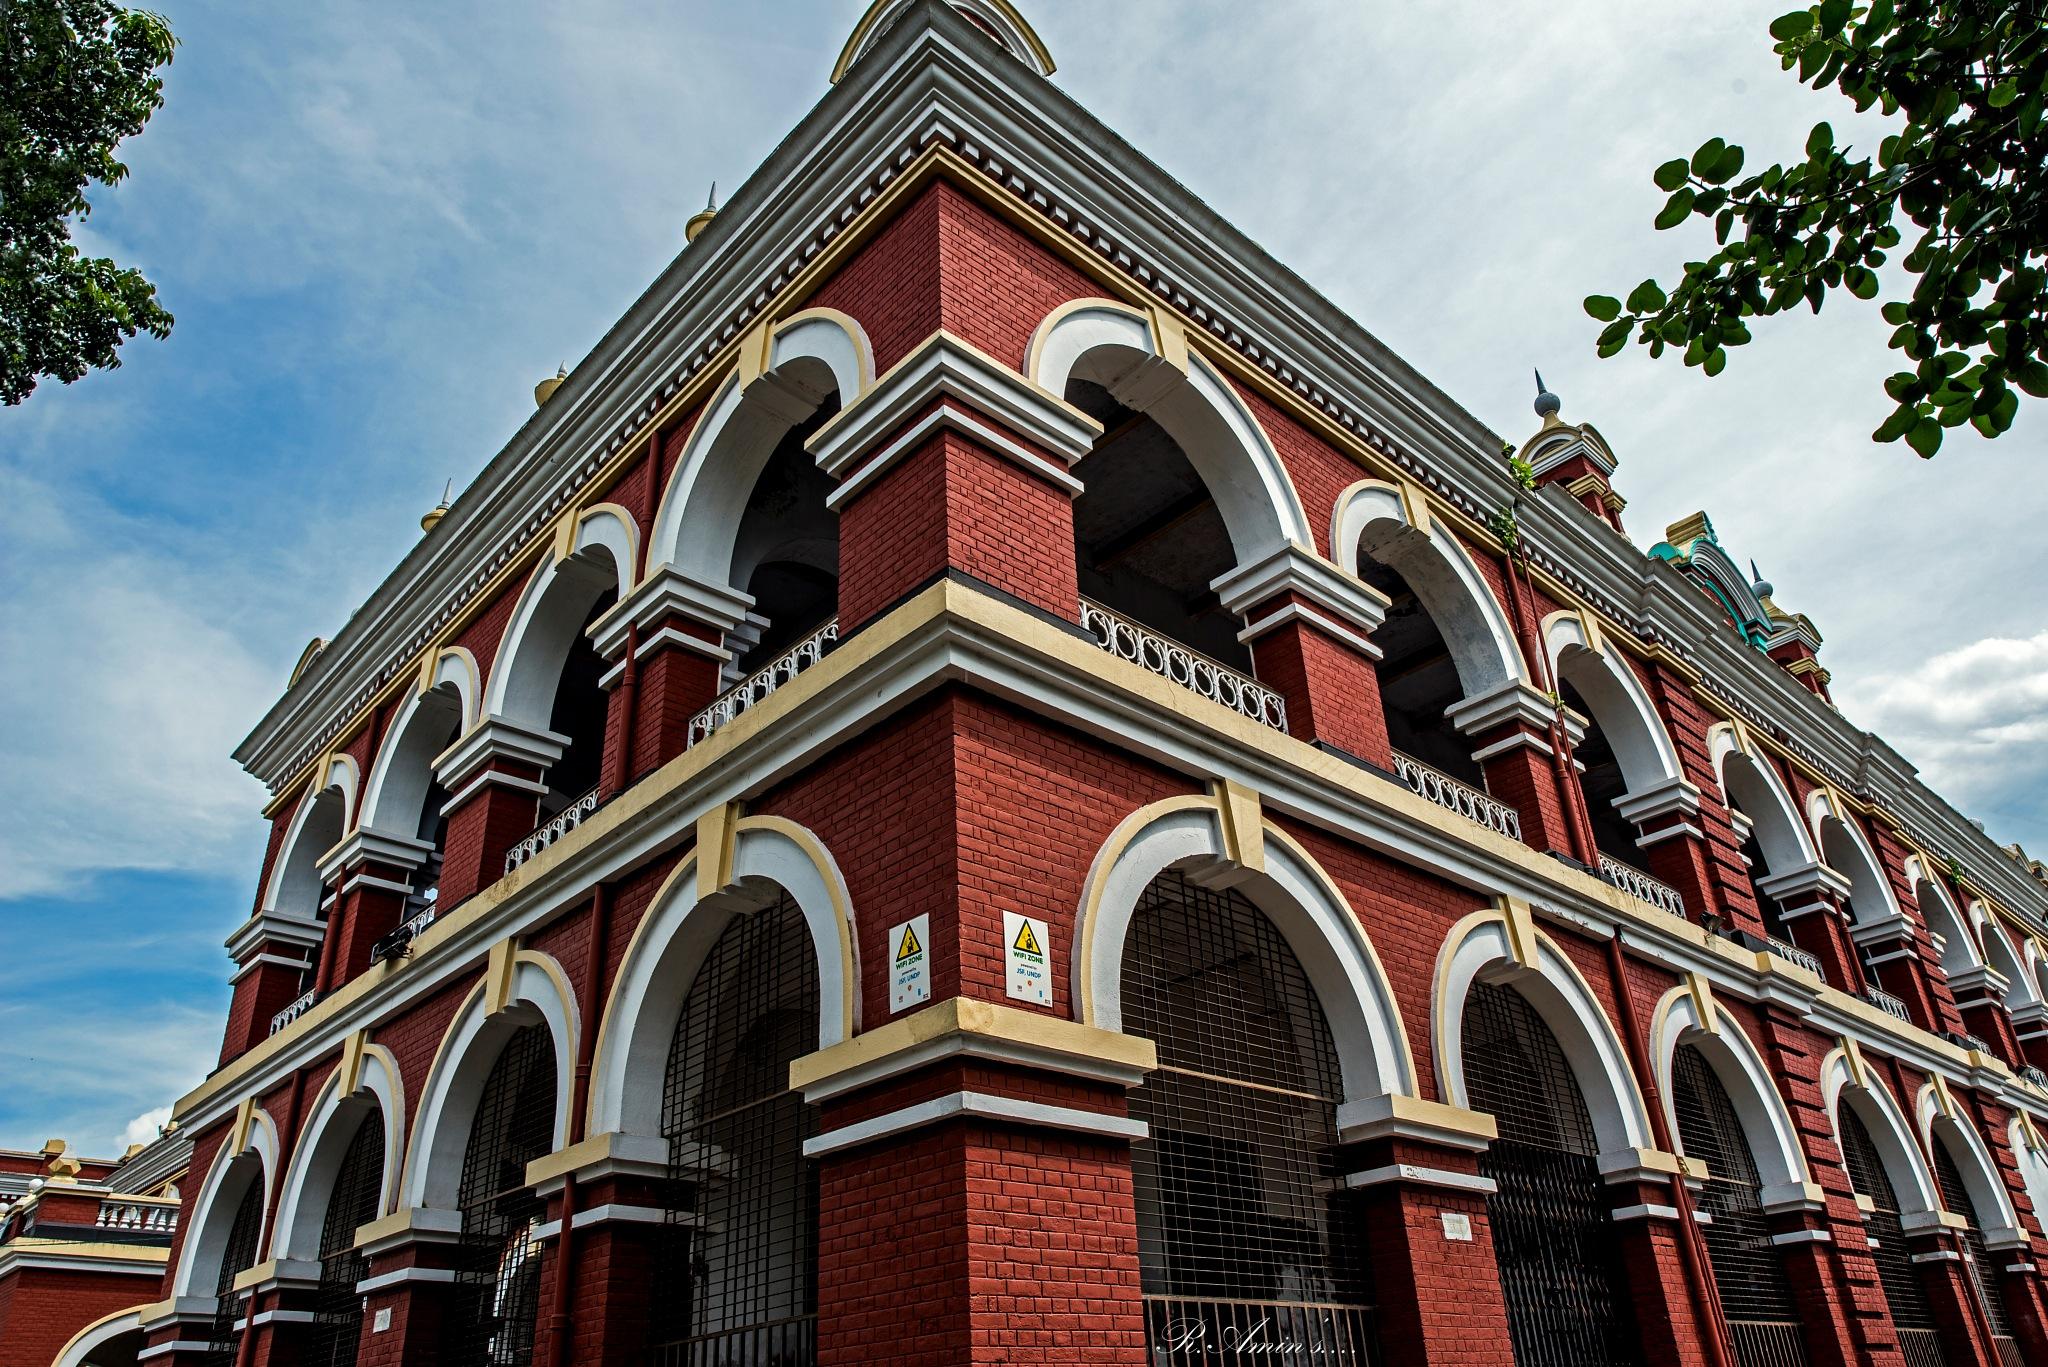 Judge Court at Pabna City, Bangladesh by Md. Ruhul Amin